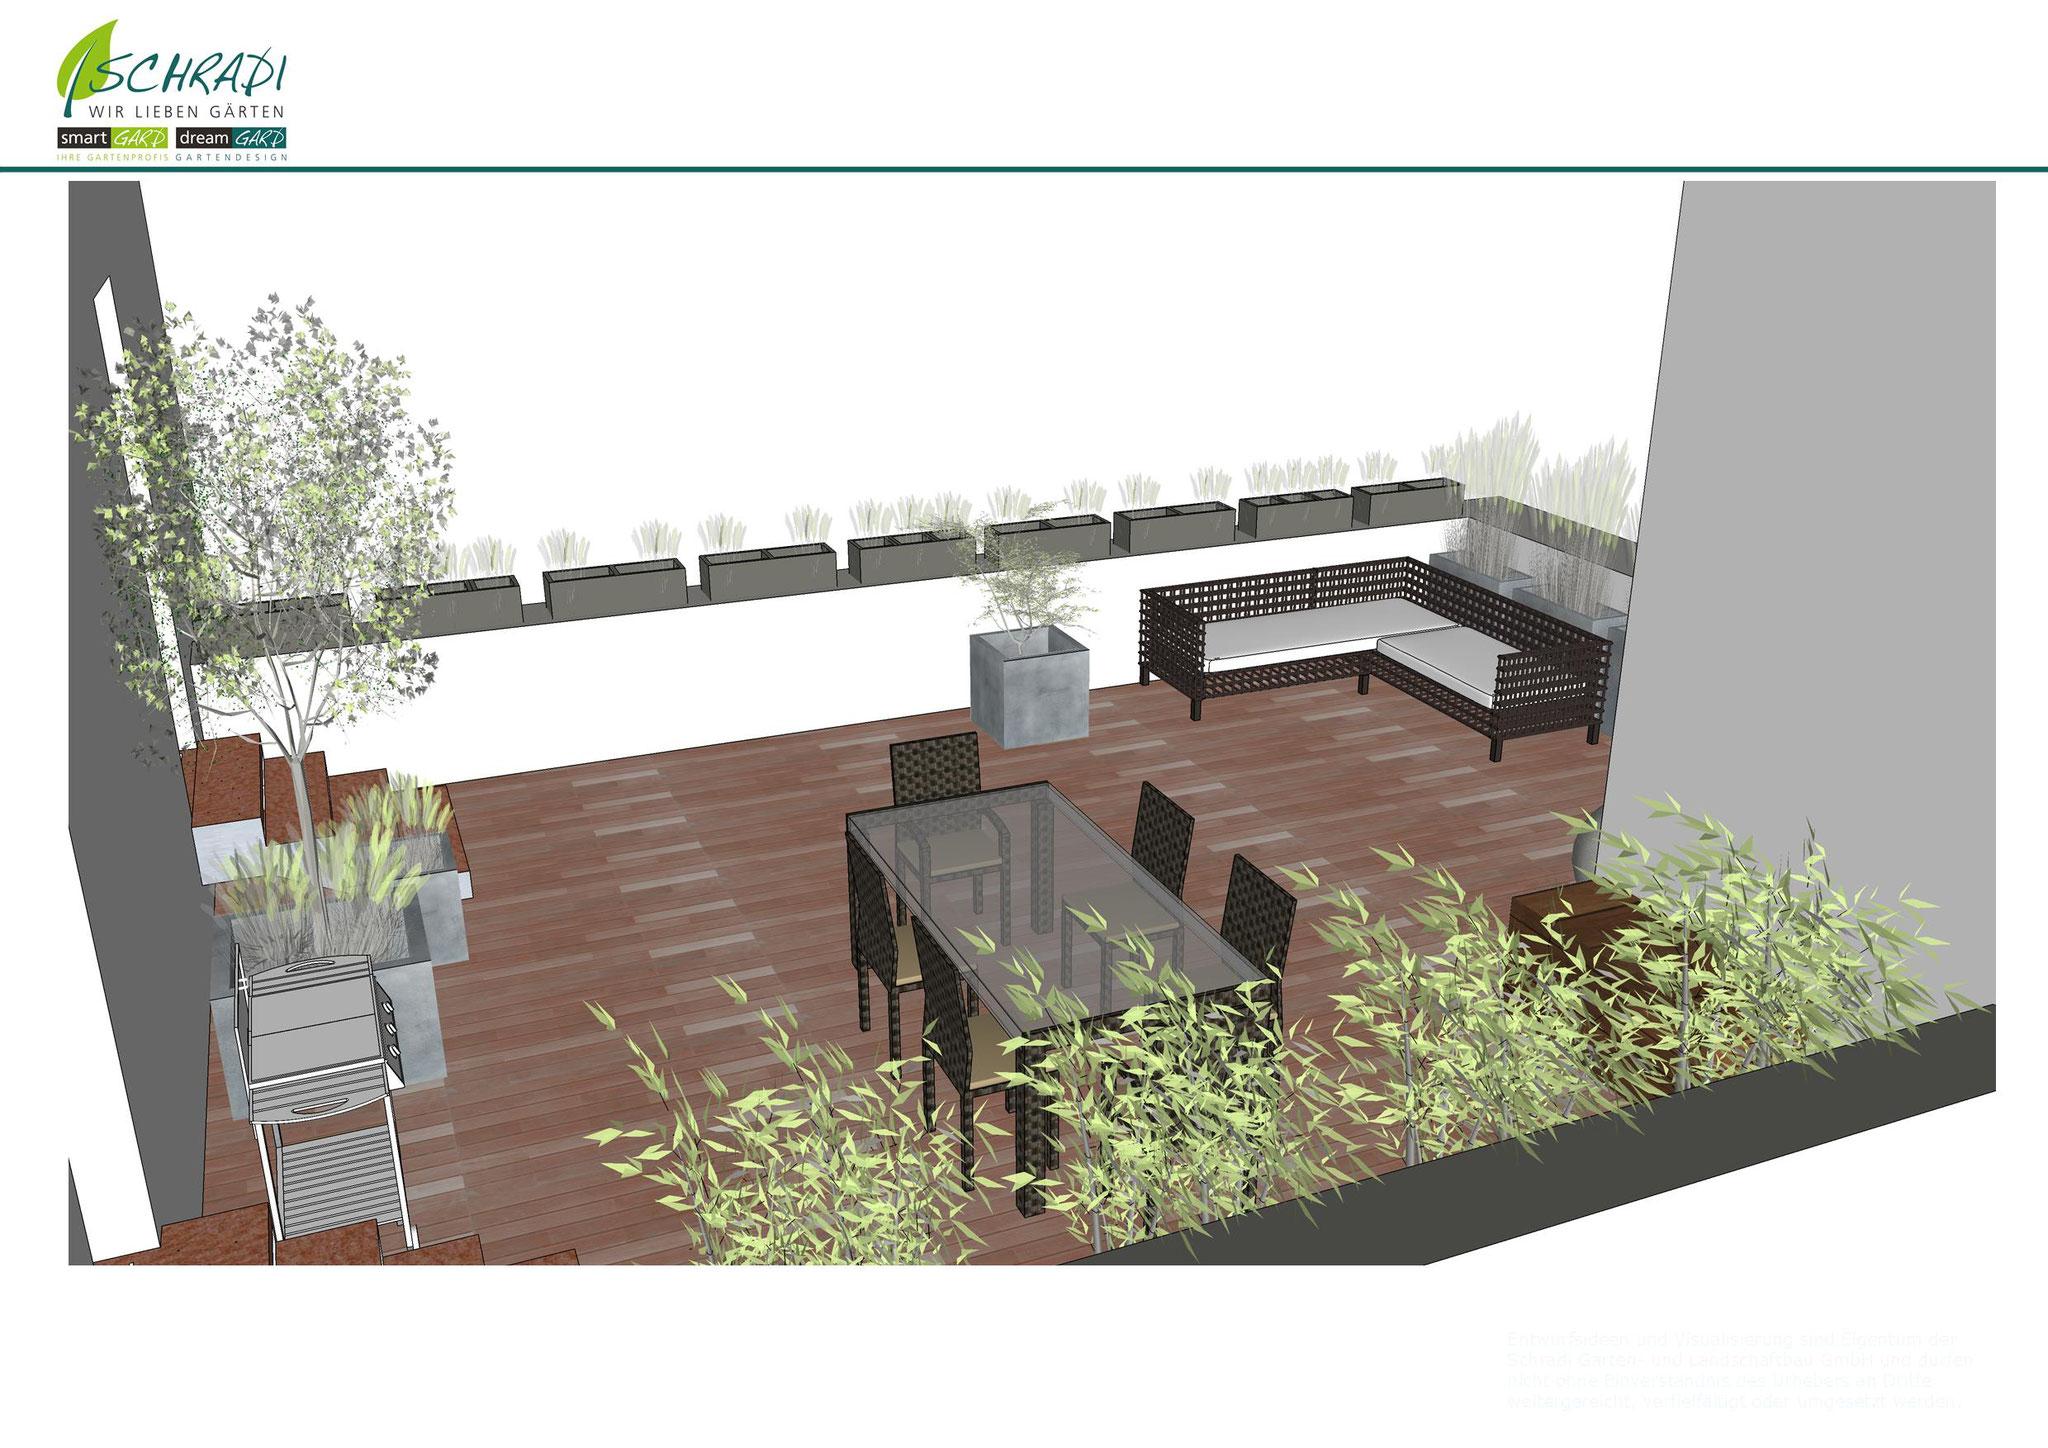 Dachterrassen Gestaltung, vorher in 3D live visualisiert